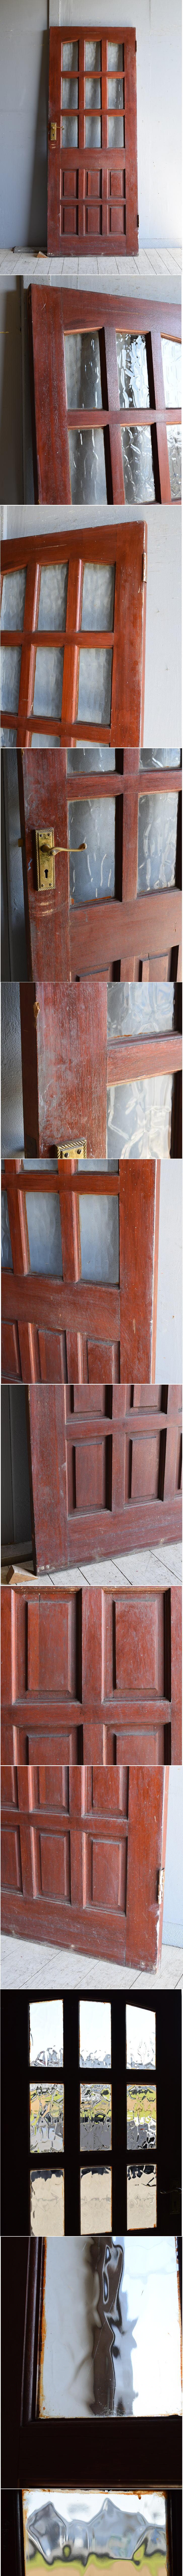 イギリス アンティーク ドア 扉 建具 8449